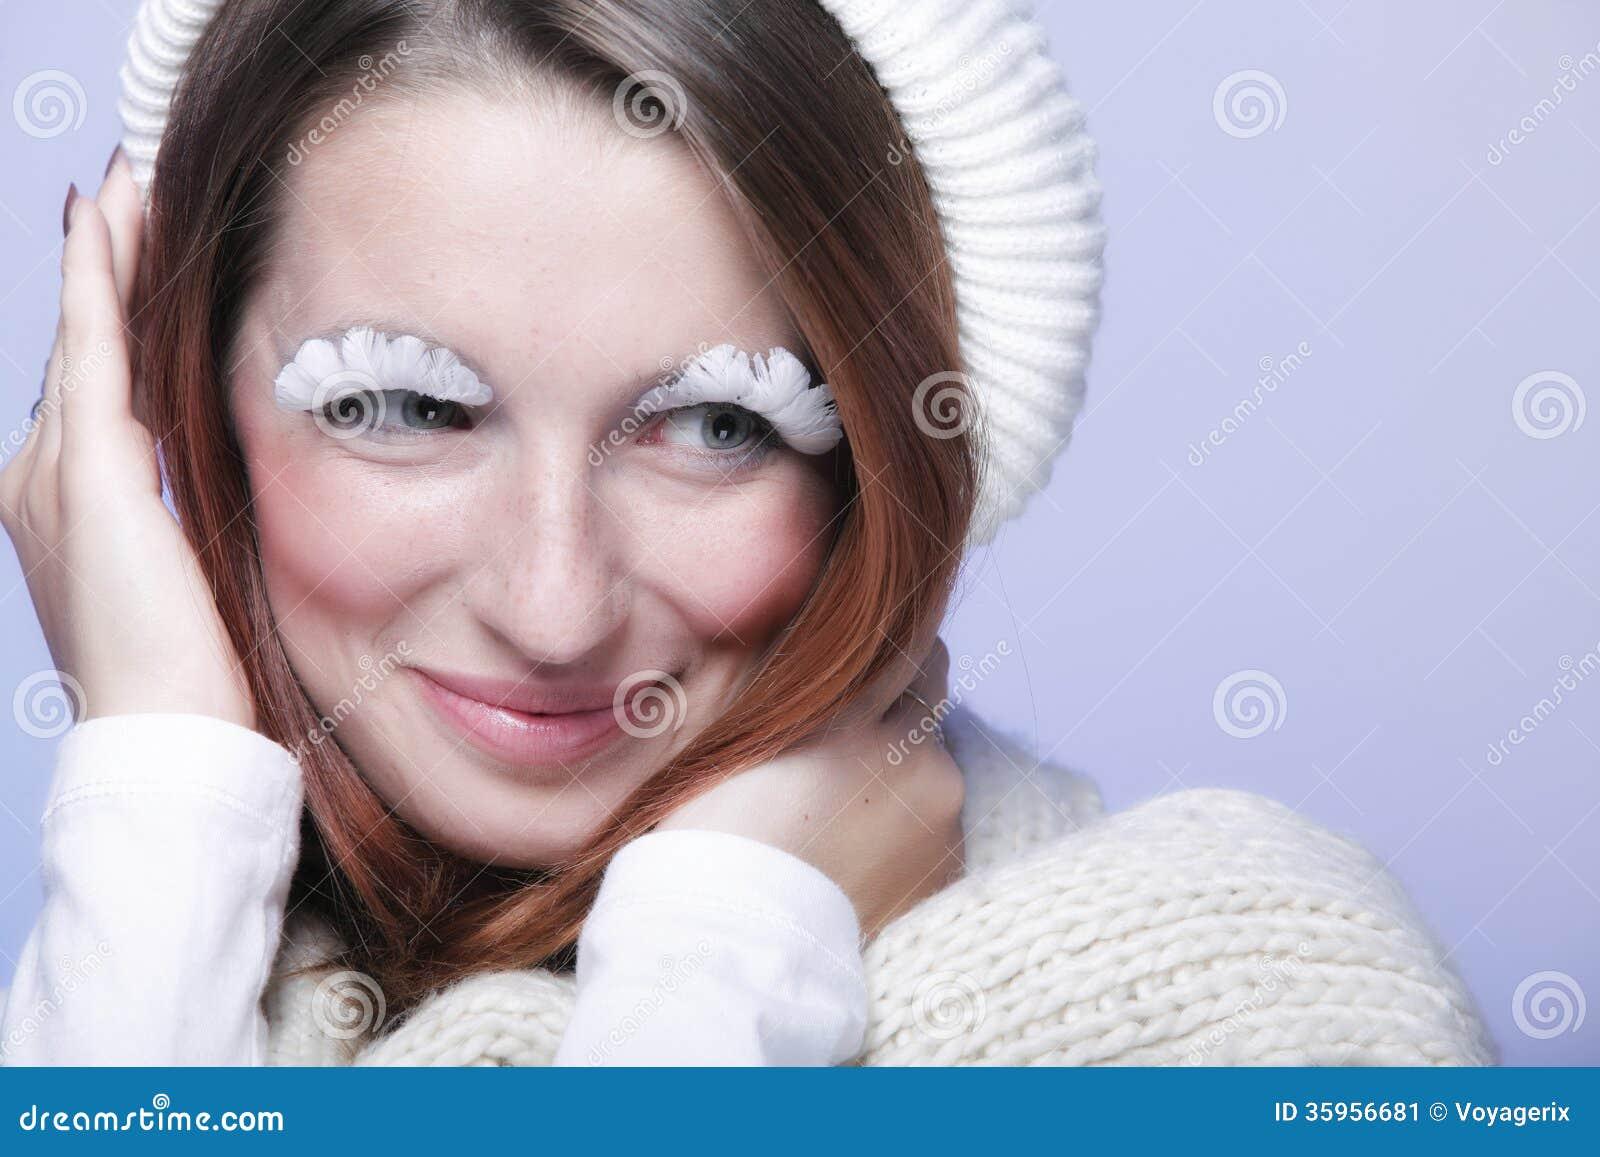 Maquillaje creativo de la ropa caliente de la mujer de la moda del invierno